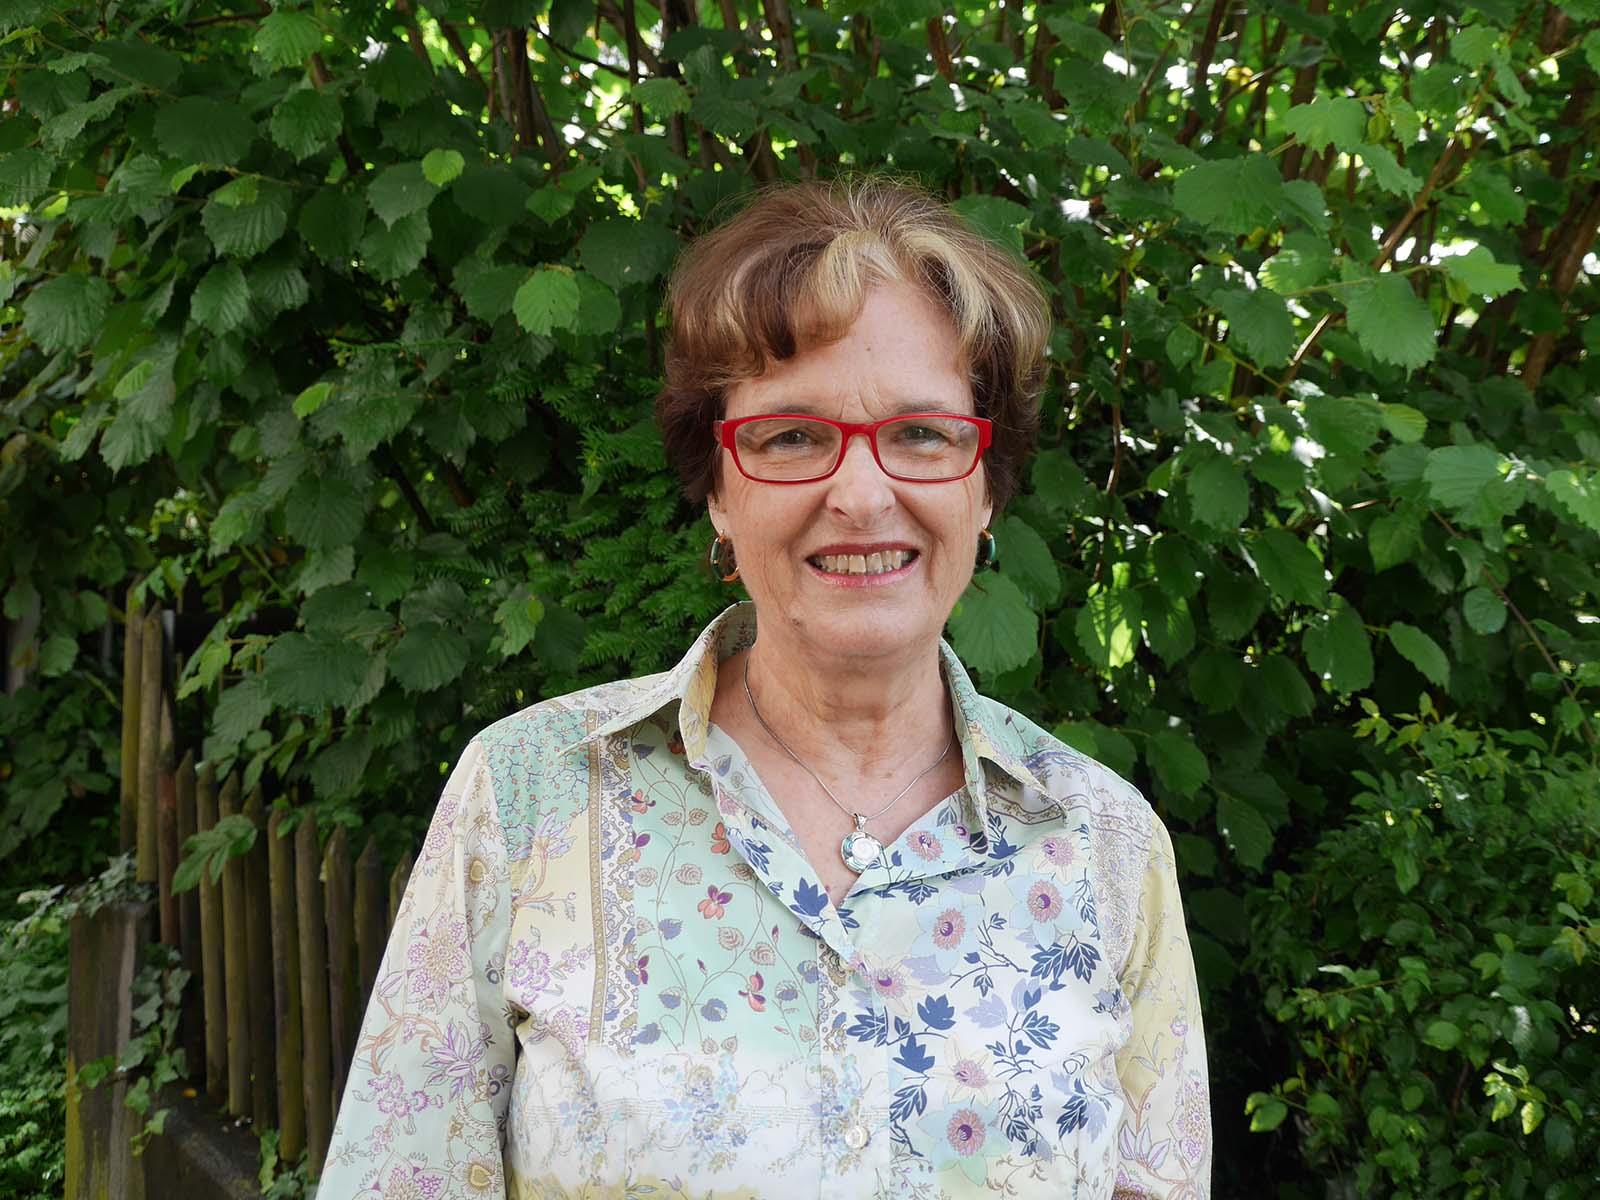 Theres Buholzer war mit ihrem Buch «Schneckenleben» sehr erfolgreich.